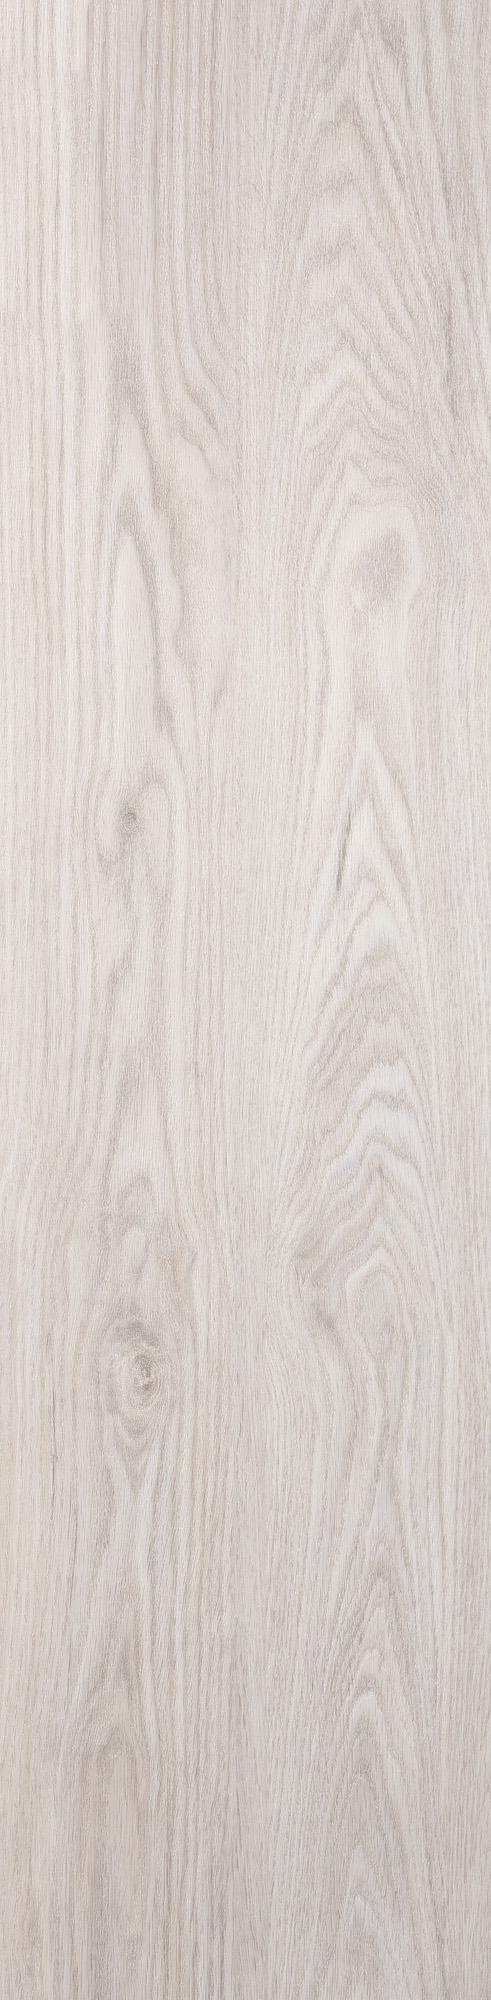 Chêne blanc perlé